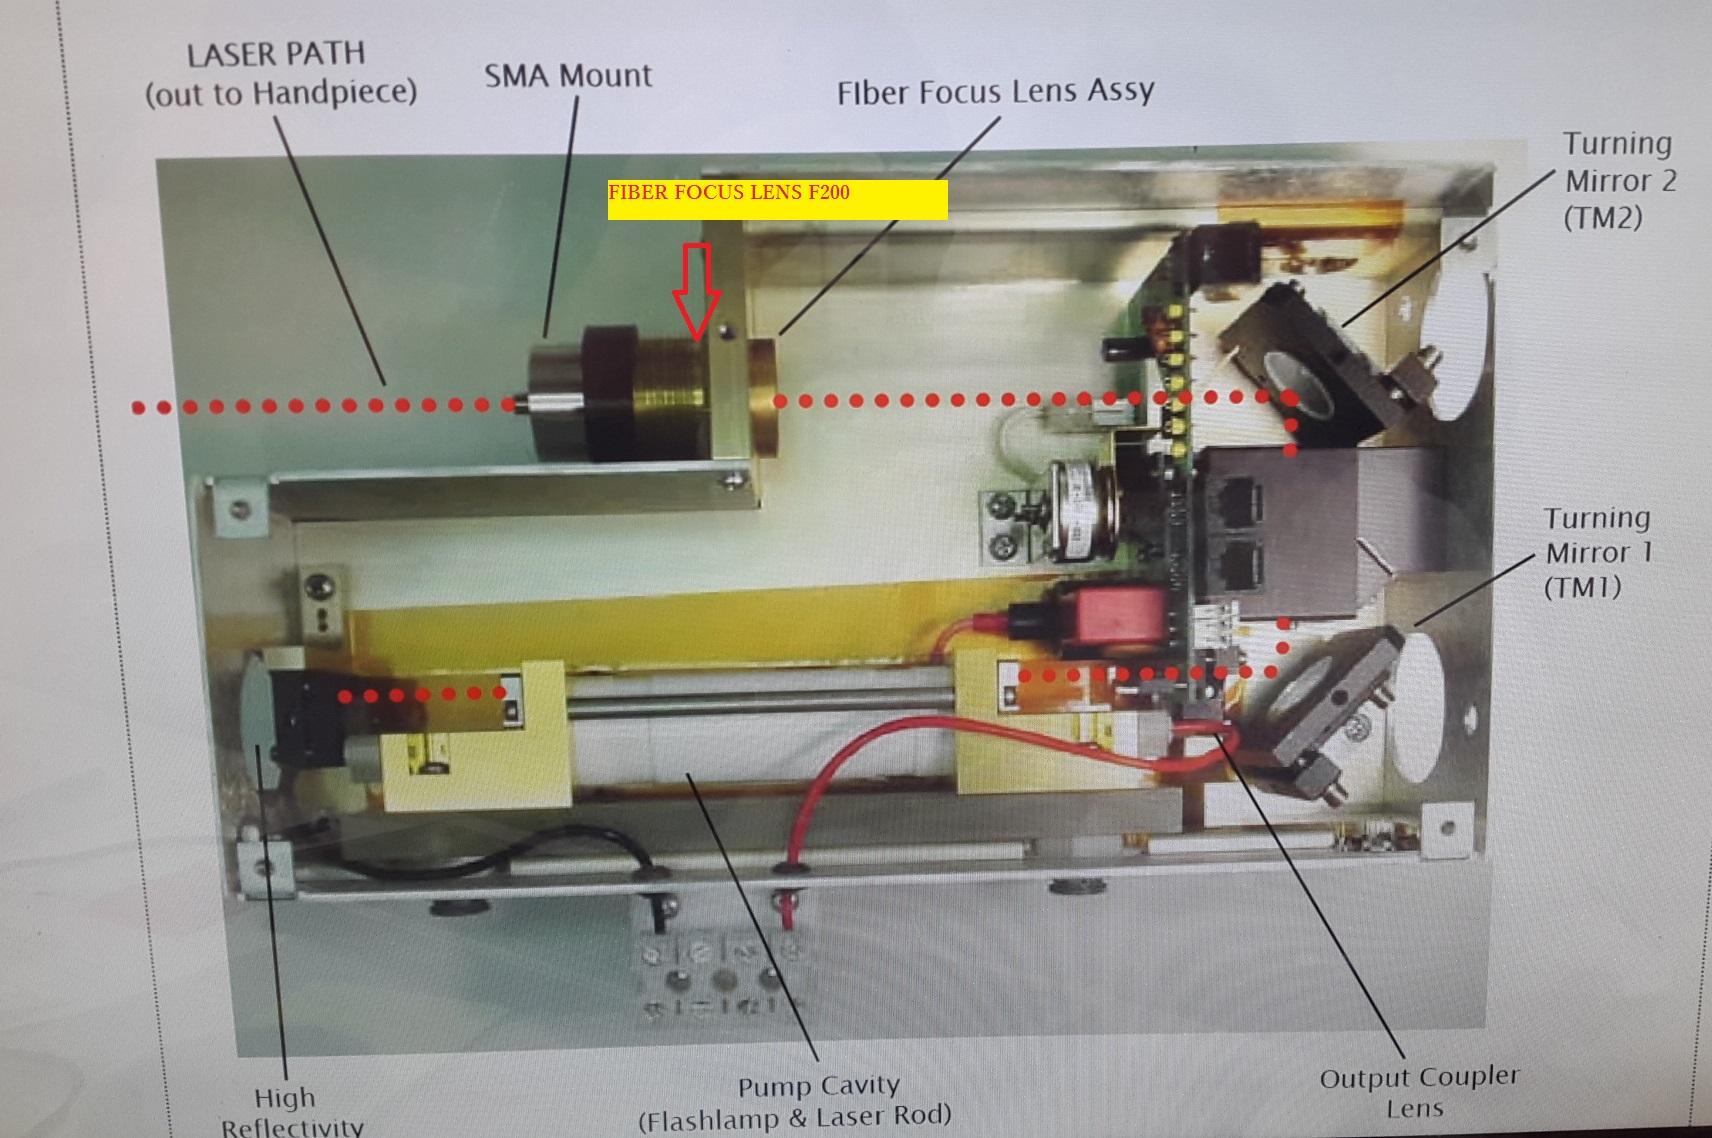 CUTERA XEO,CUTERA COOLGLIDE FIBER FOCUS LENS, F200 - Laser Tech